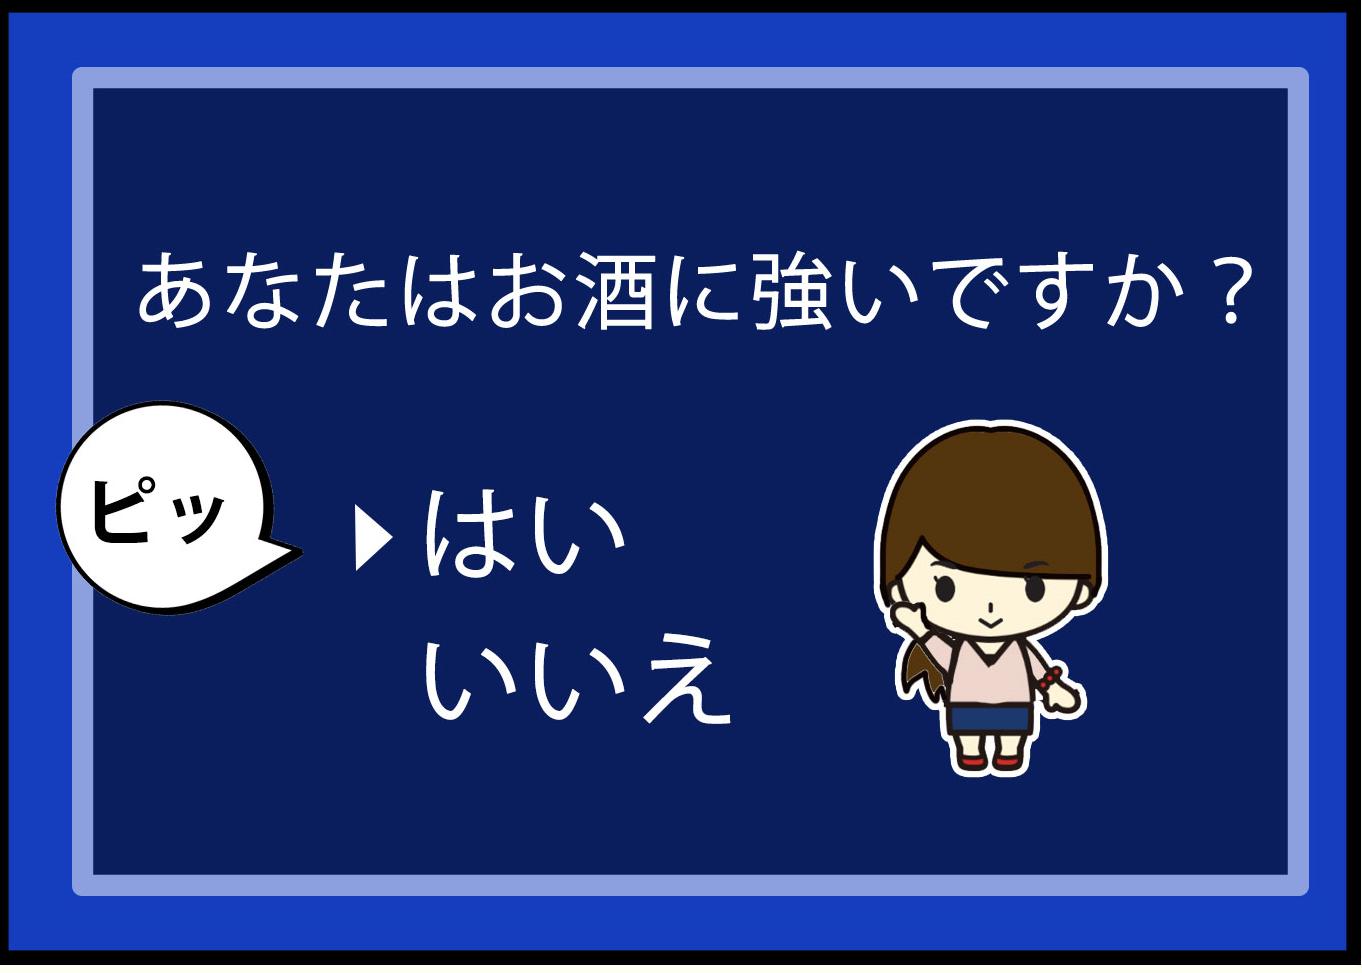 【健康啓発4コマ漫画】サンプル公開中「クーラー病」「痛風リスク」